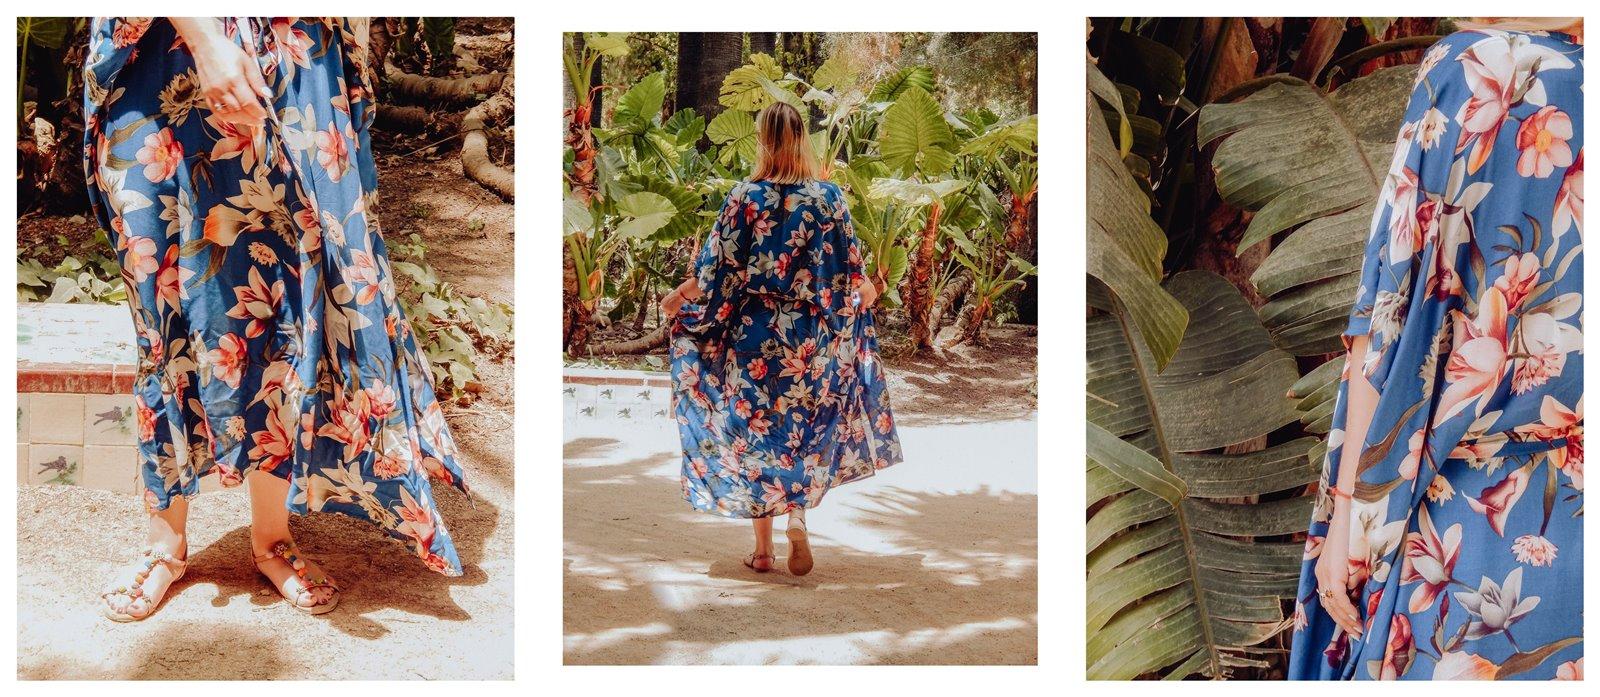 8a polskie młode marki firmy godne uwagi moda modowe marki łódź blog blogerka blogerzy z łodzi fashion zero waste jak żyć ubrania moda stylizacje modnapolka inspiracje sukienka maxi nalu bodywear instagram style melody